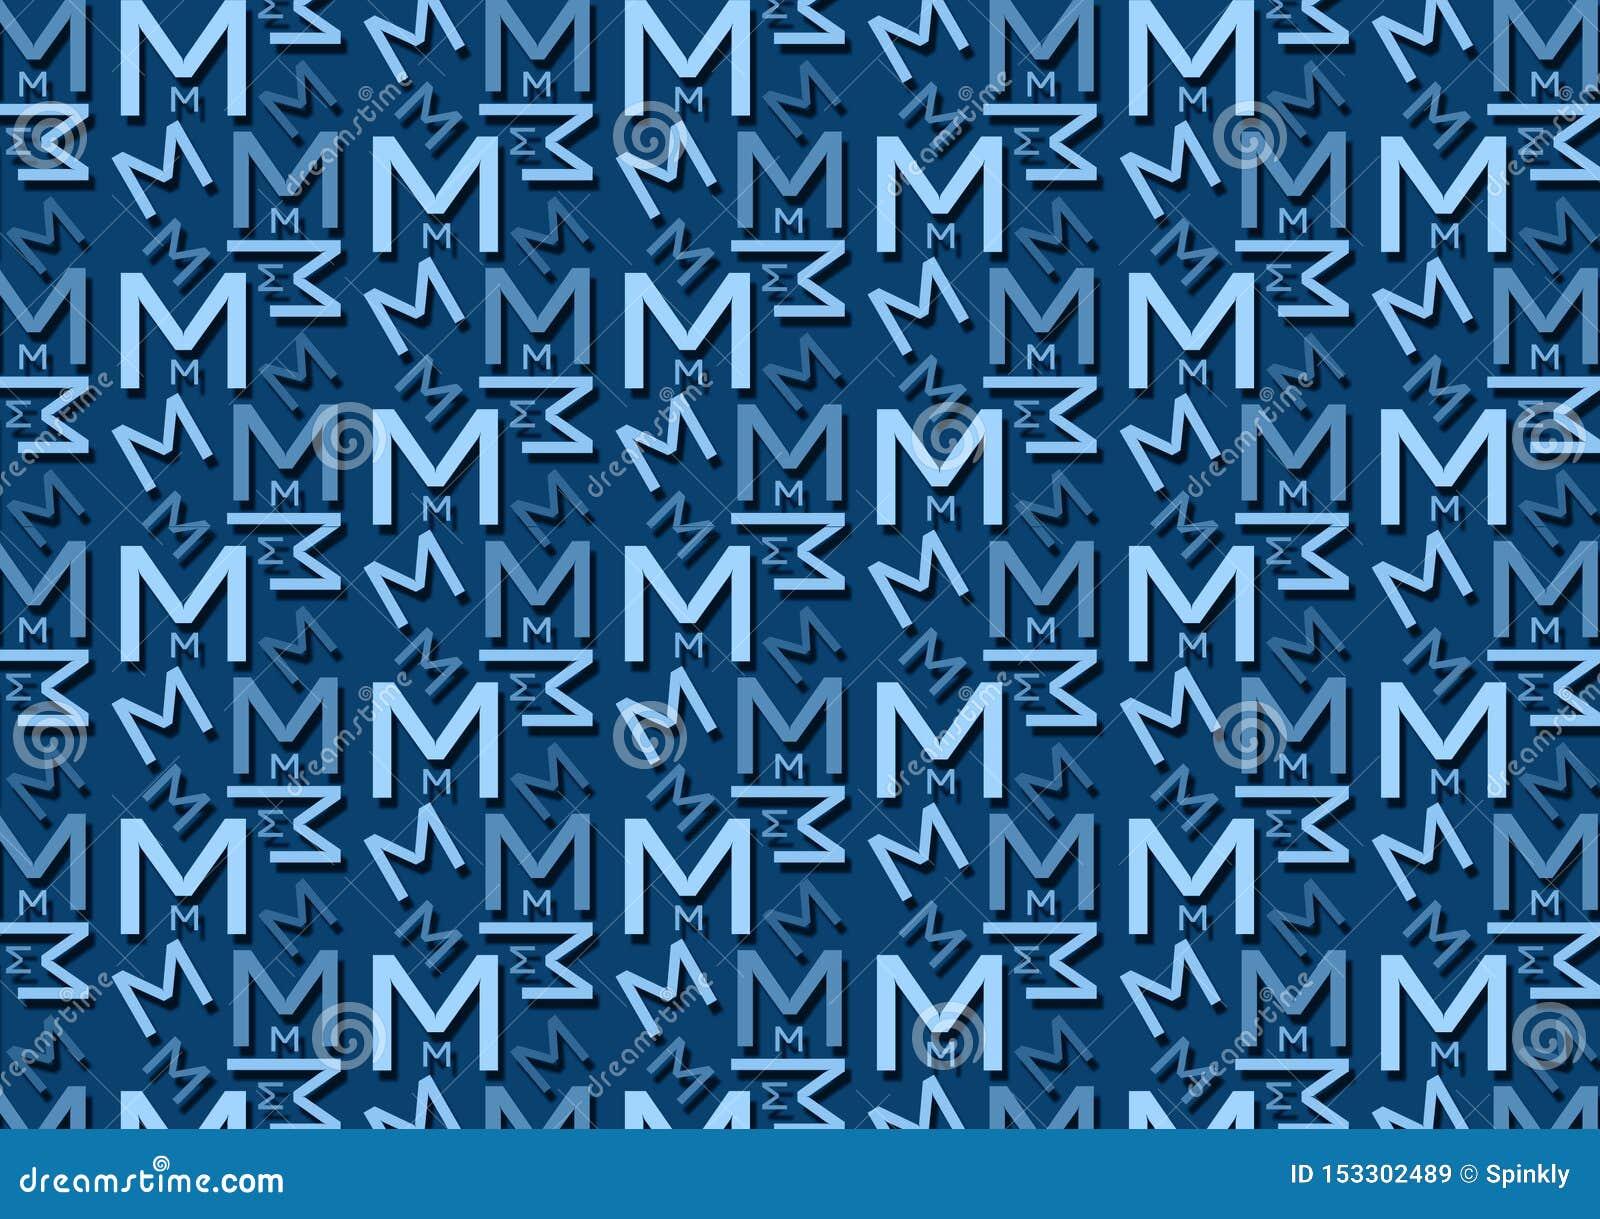 Brievenm patroon in verschillende gekleurde blauwe schaduwen voor behang